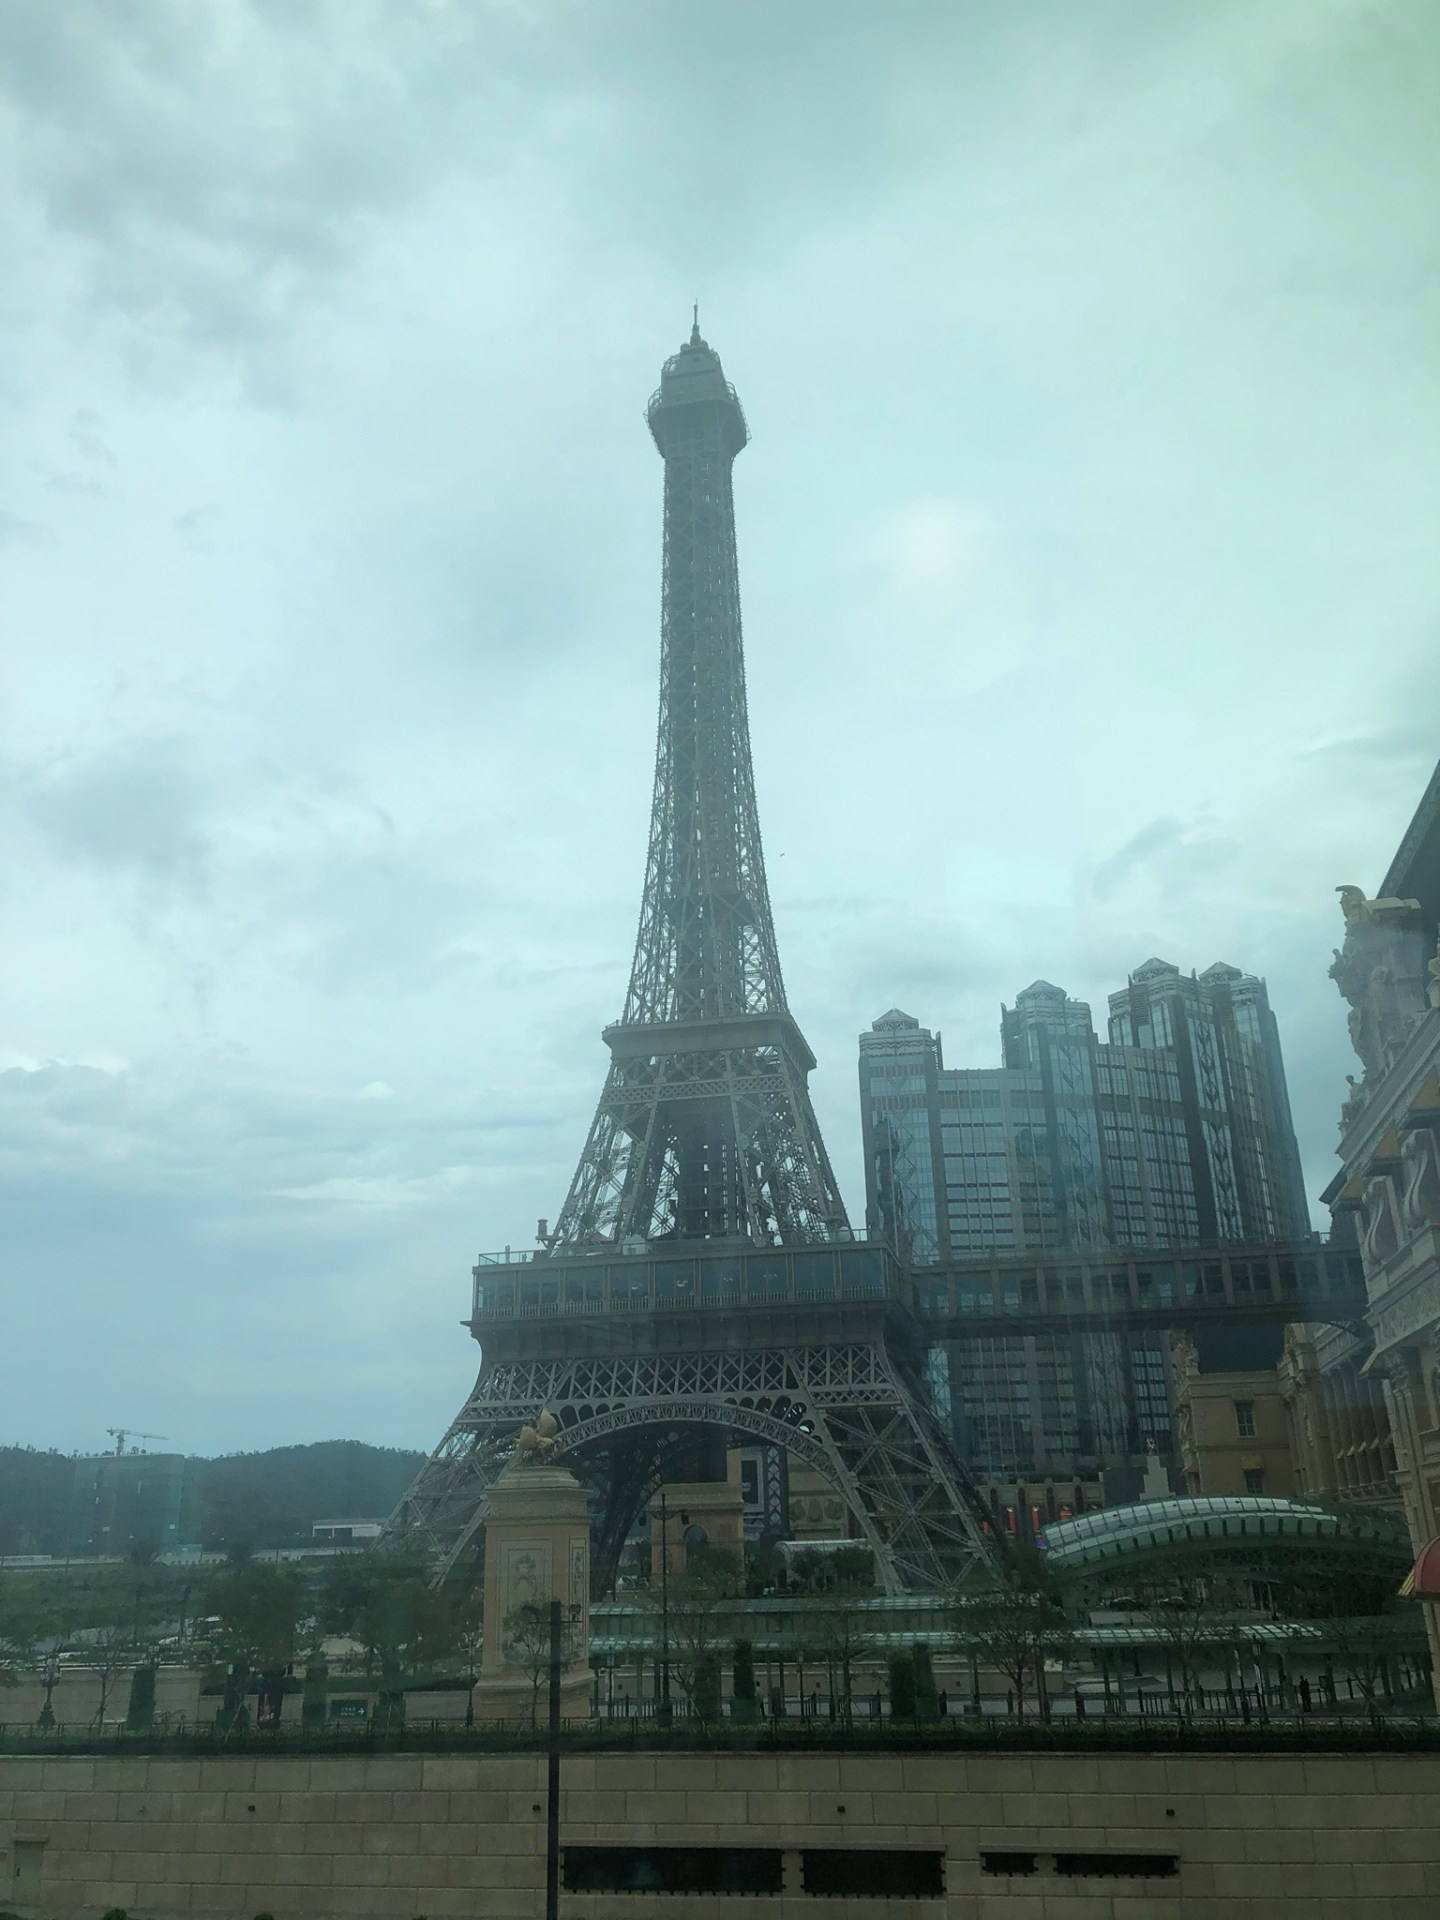 Eiffel Tower of the Parisian Macau on the Cotai Strip